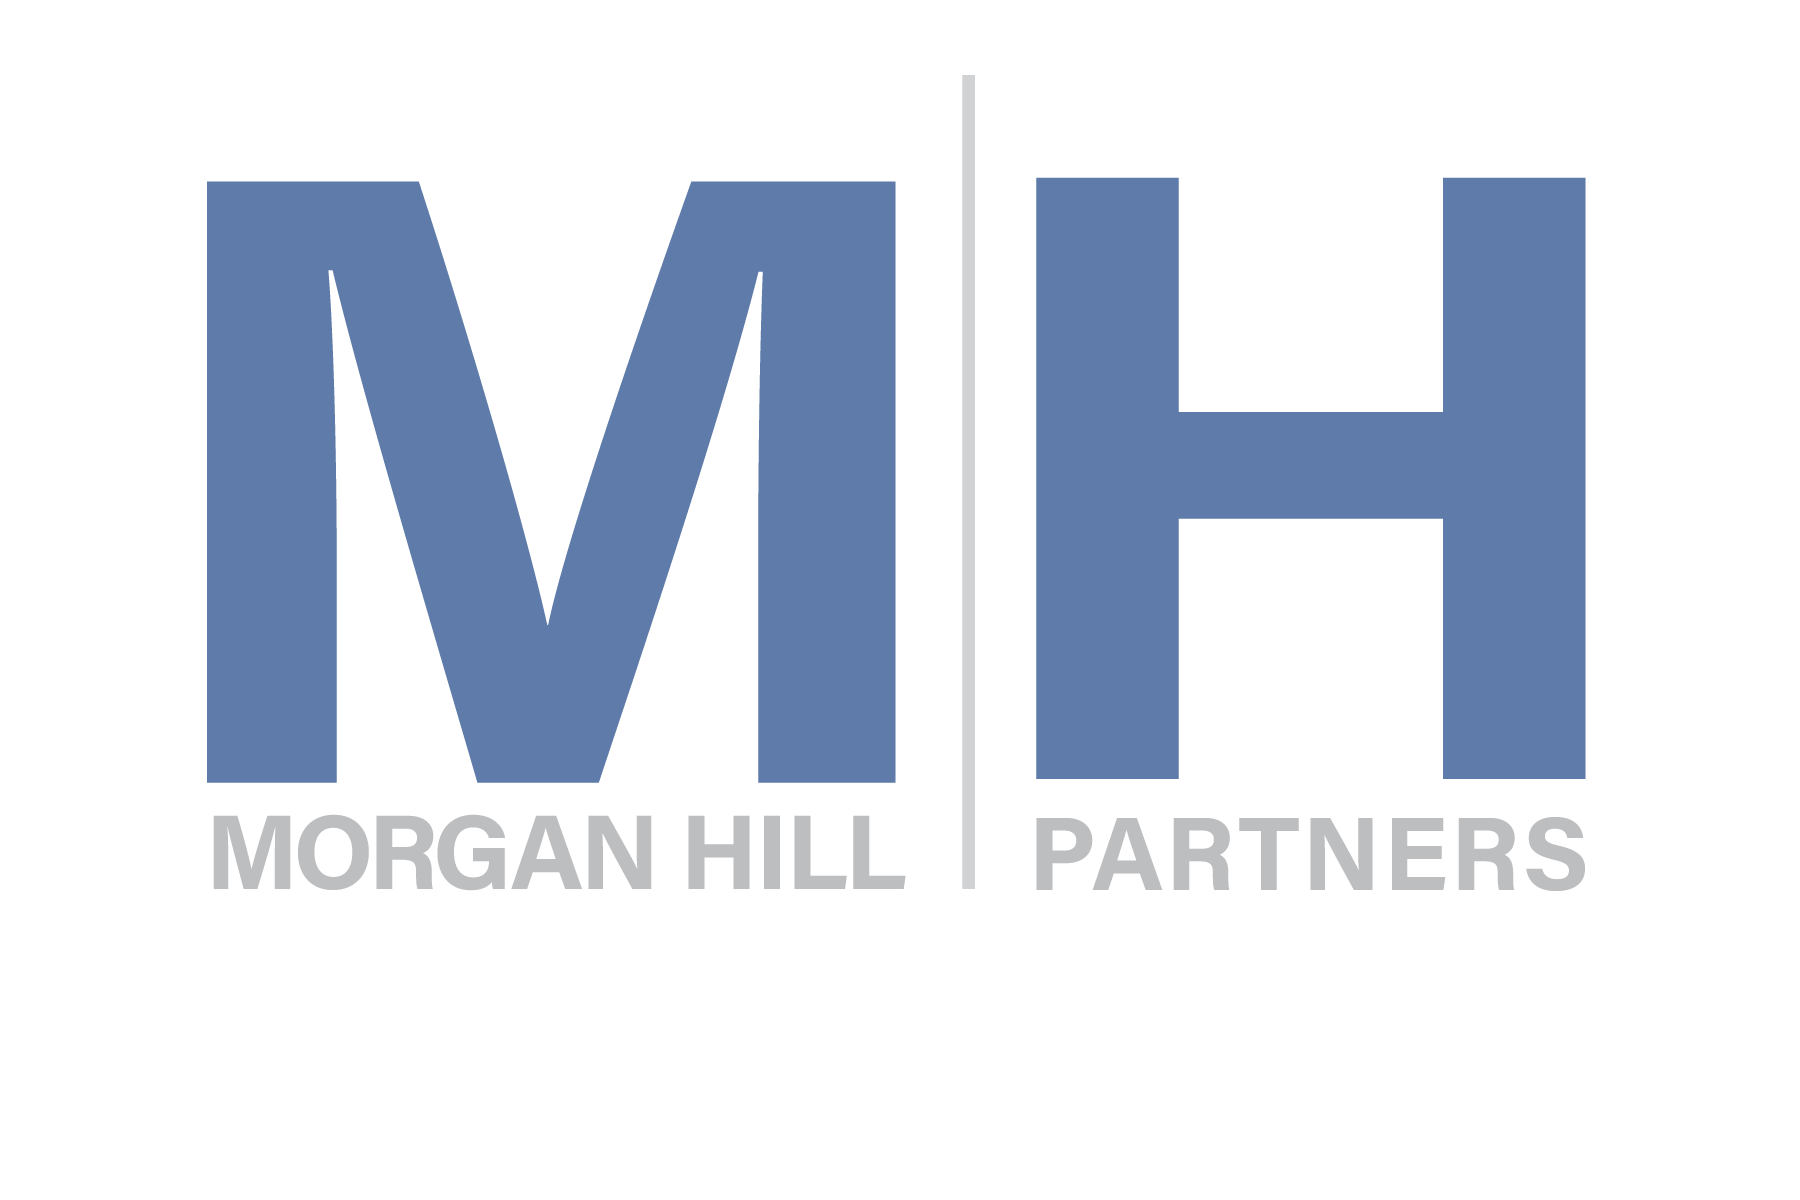 Morgan Hill Partners